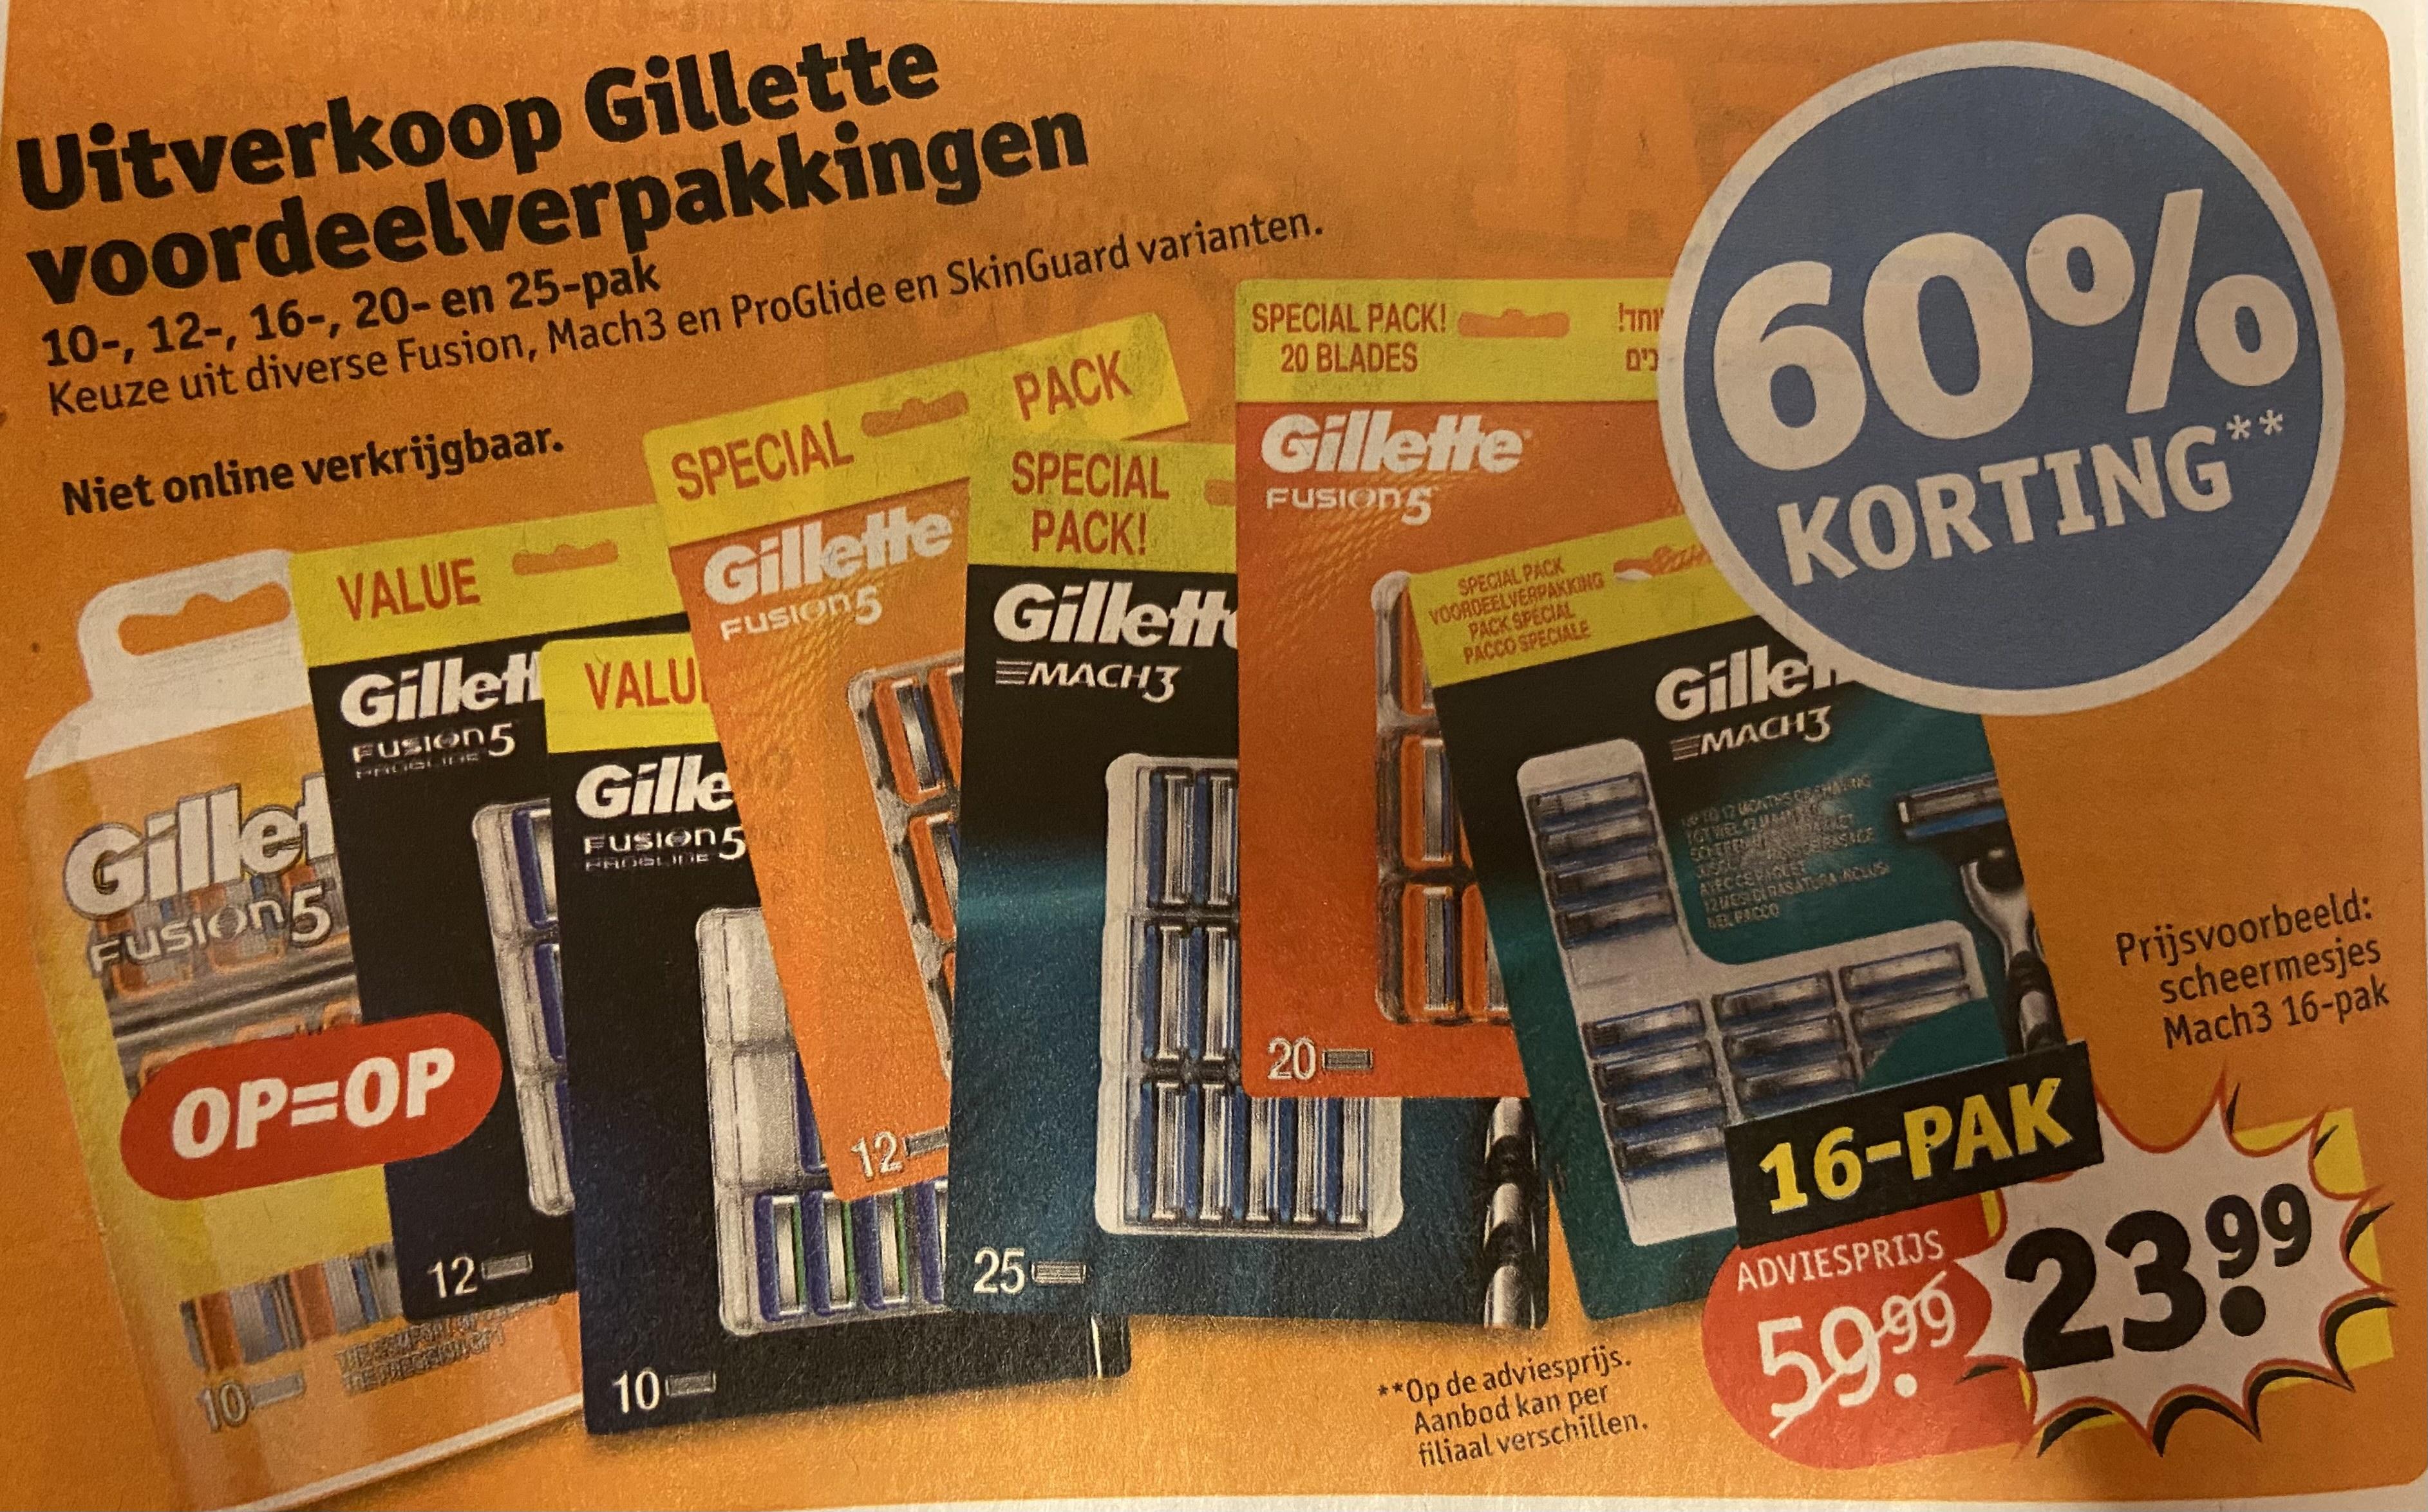 Gillette uitverkoop @Kruidvat